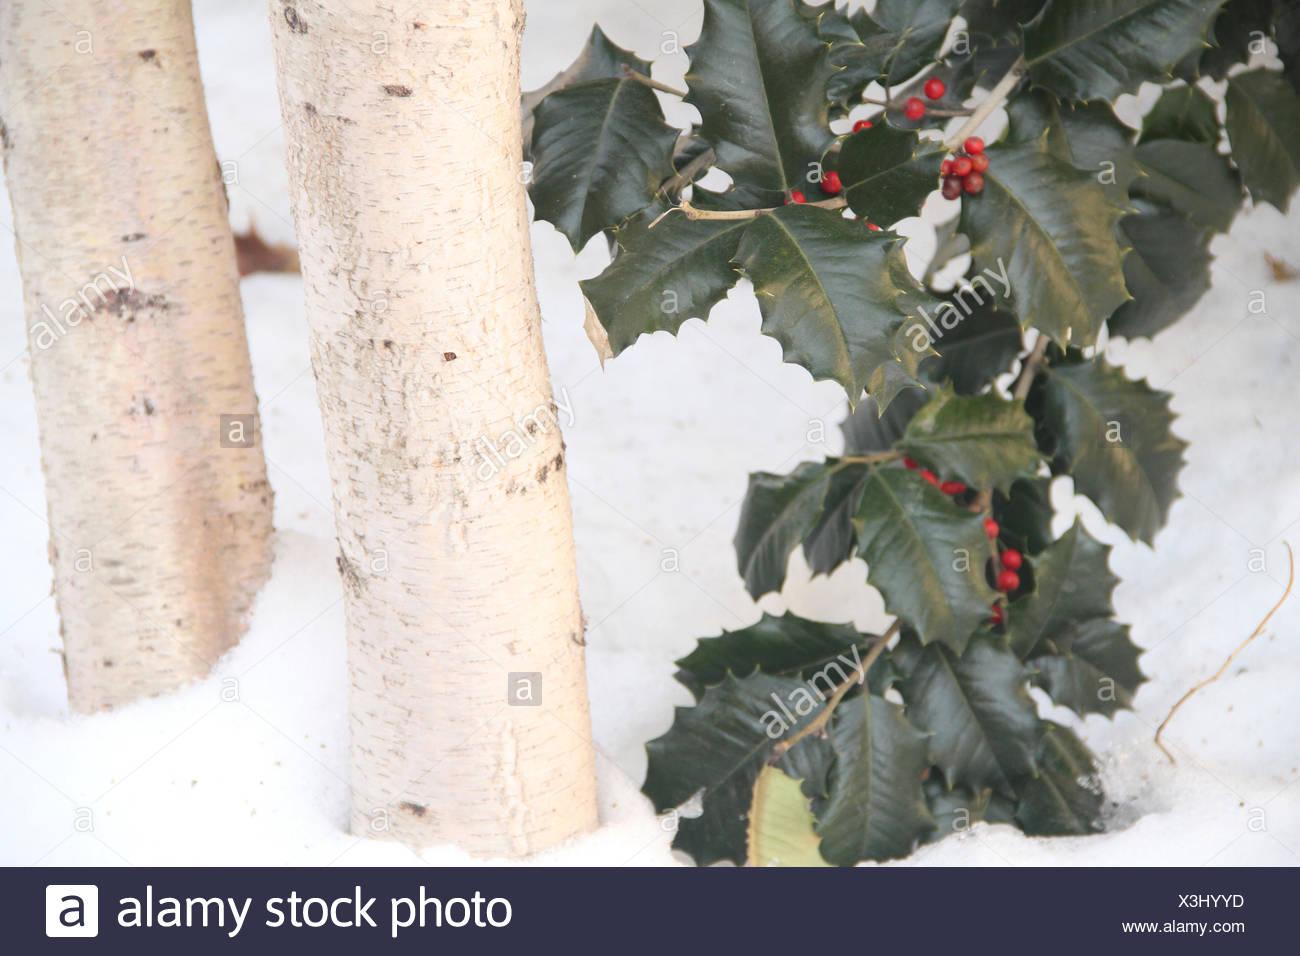 Ilex Aquifolium, Stechpalme, Lincoln Highline, Manhattan, New York, Vereinigte Staaten von Amerika Stockbild